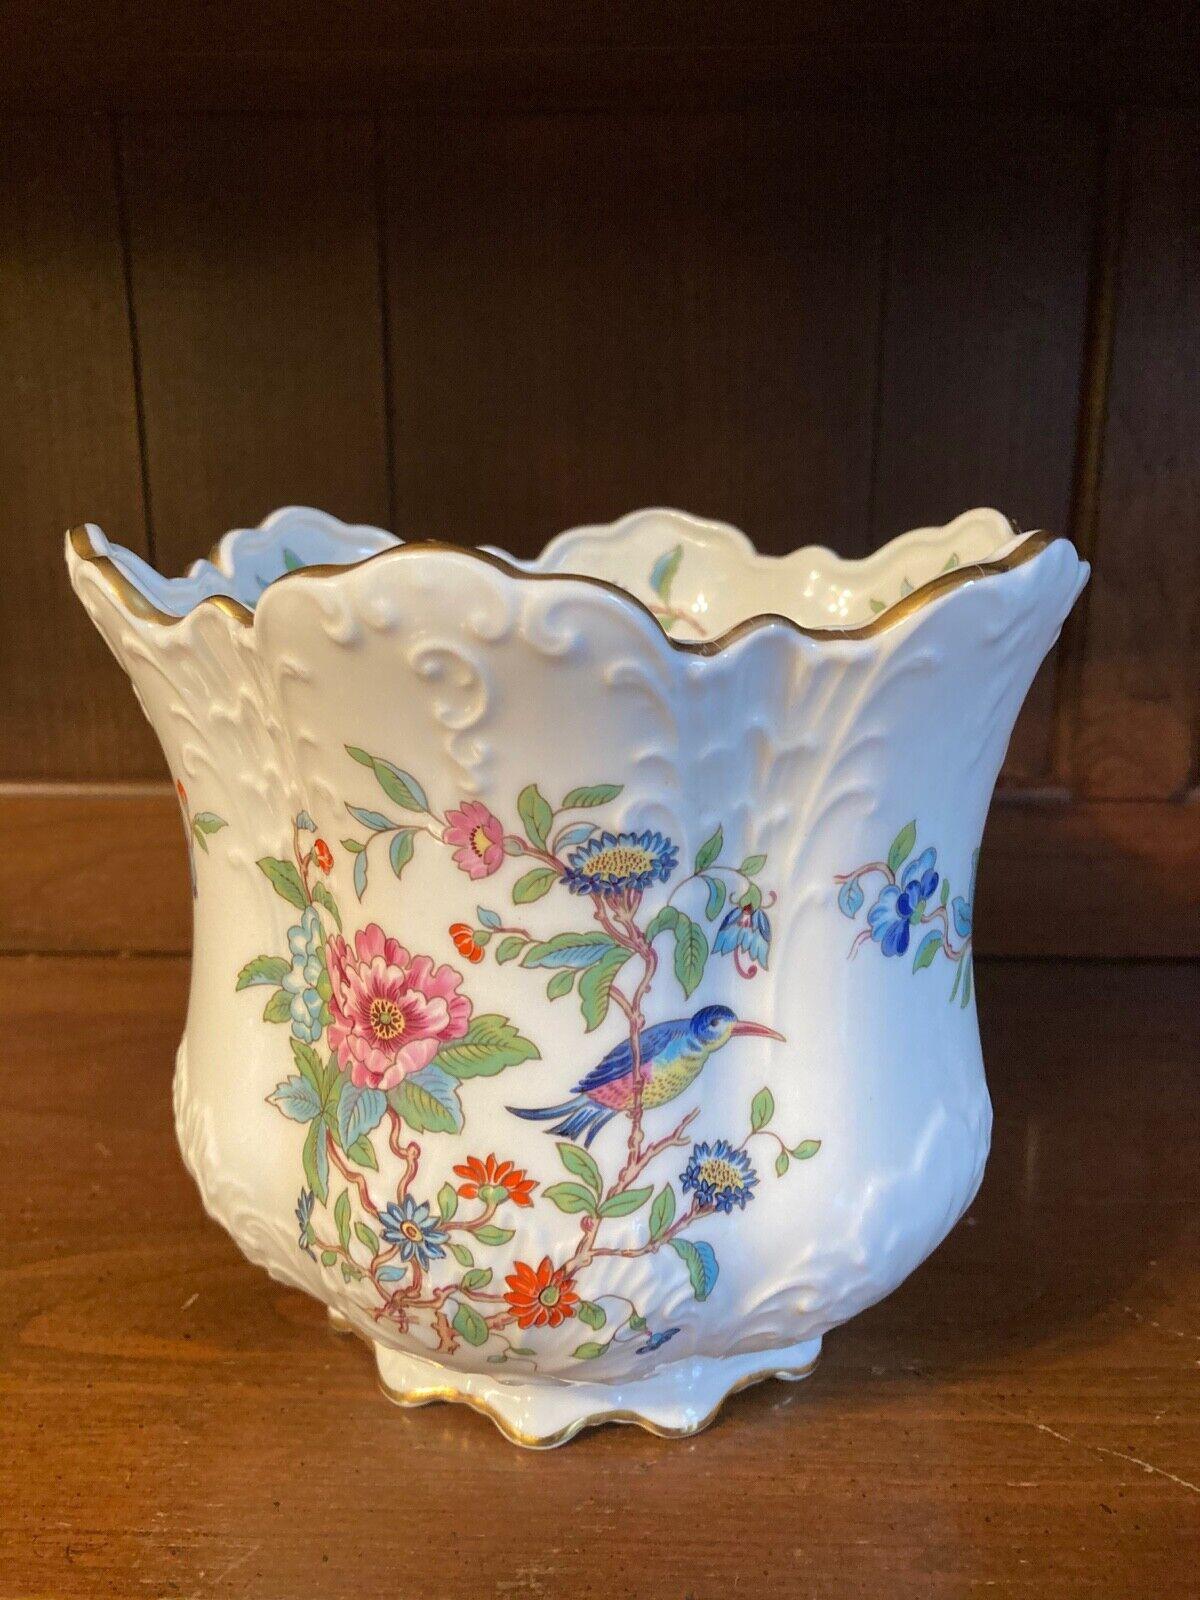 Vintage Aynsley Pembroke Jardiniere - $25.00